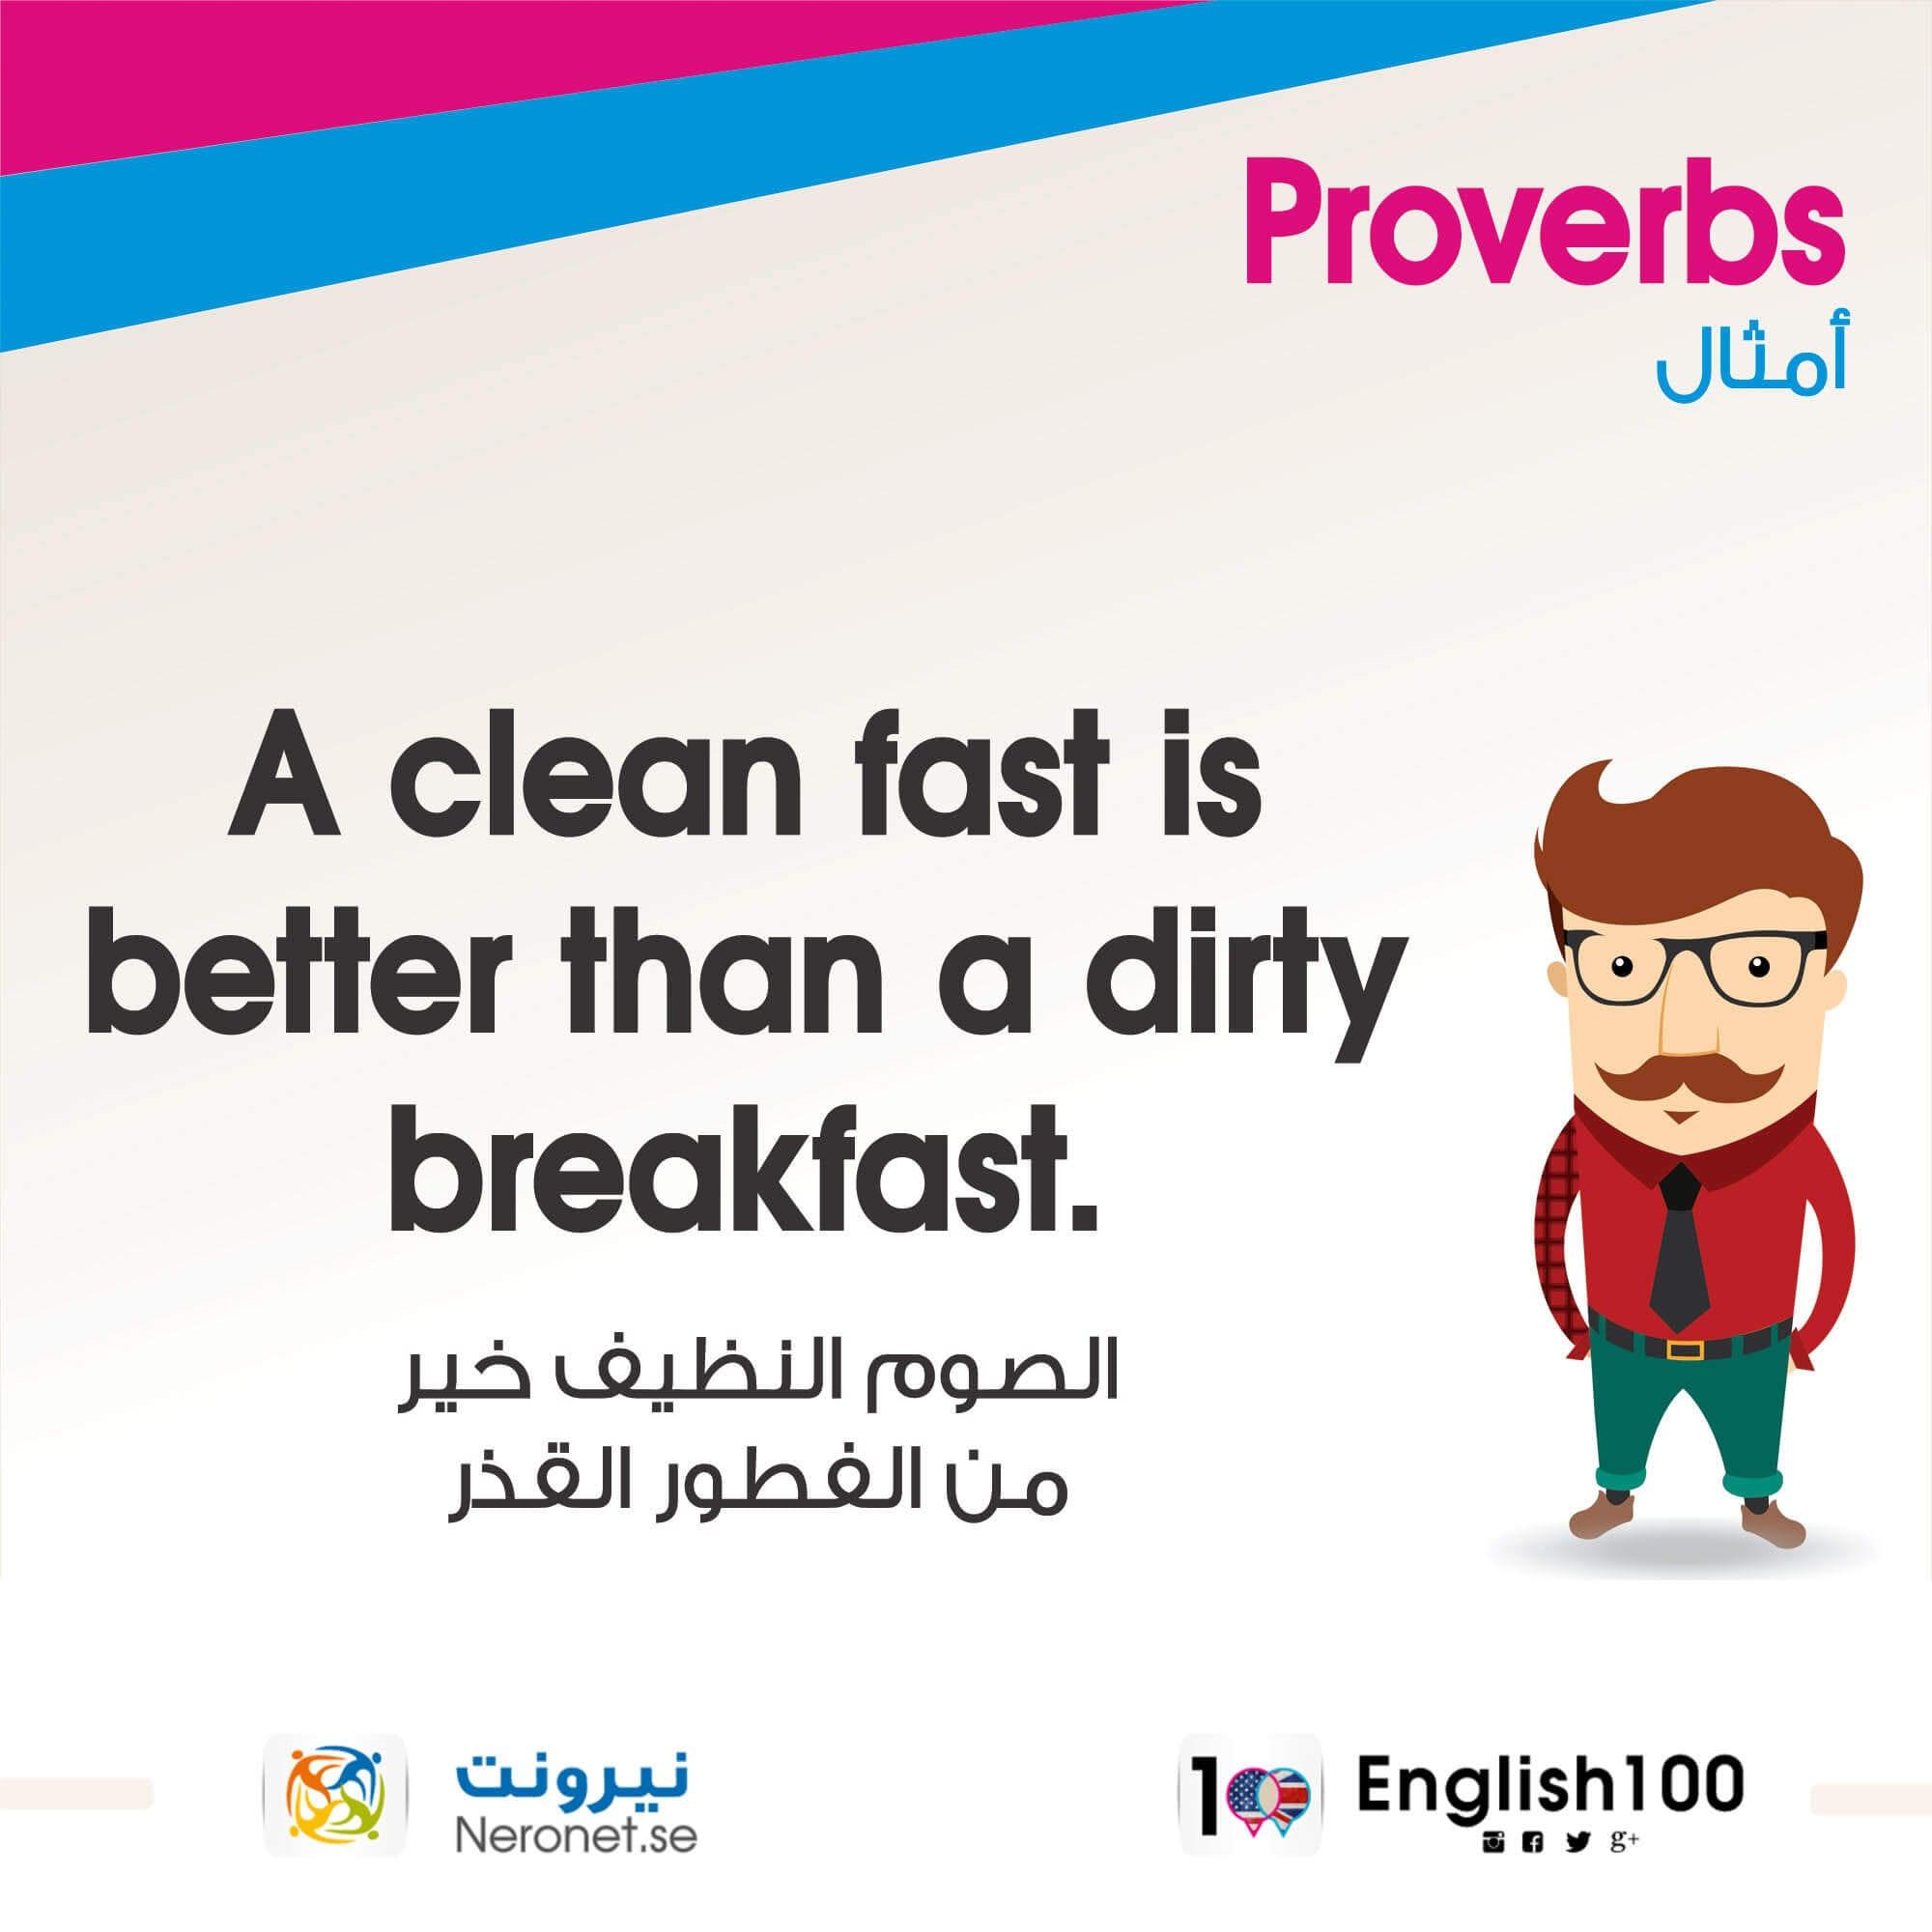 امثال انجليزية مترجمة للعربية